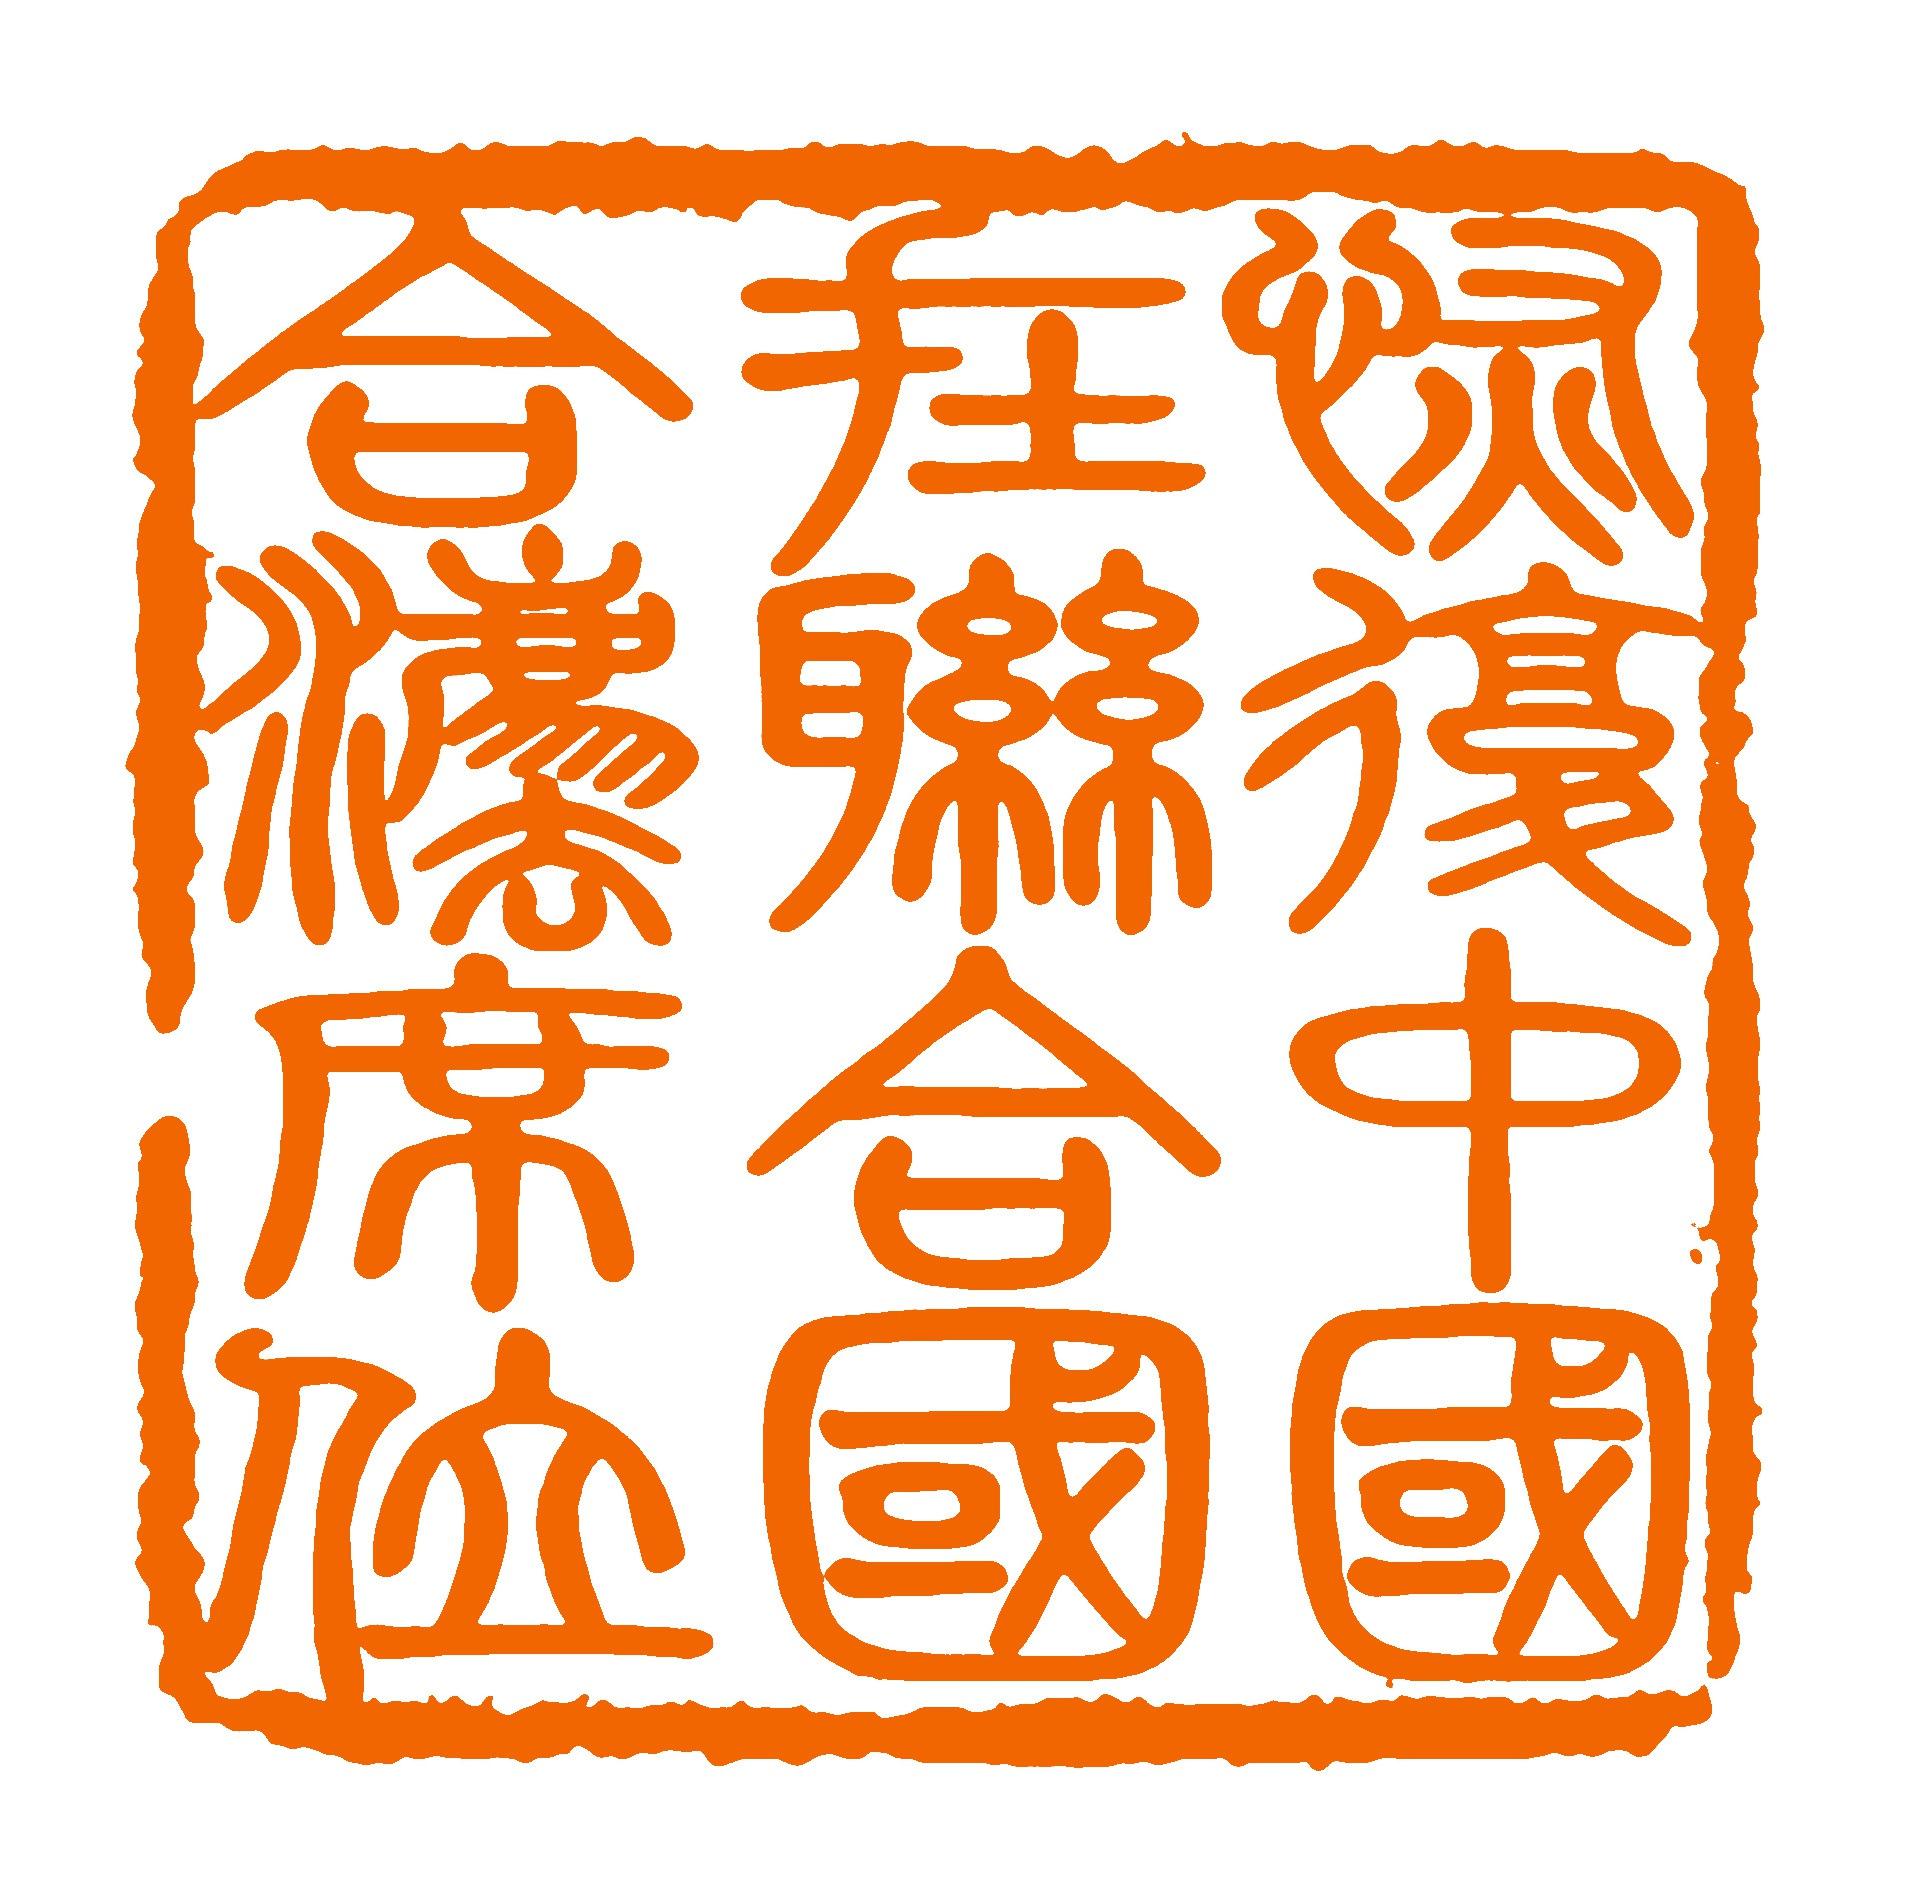 『每日红印』恢复中国在联合国合法席位